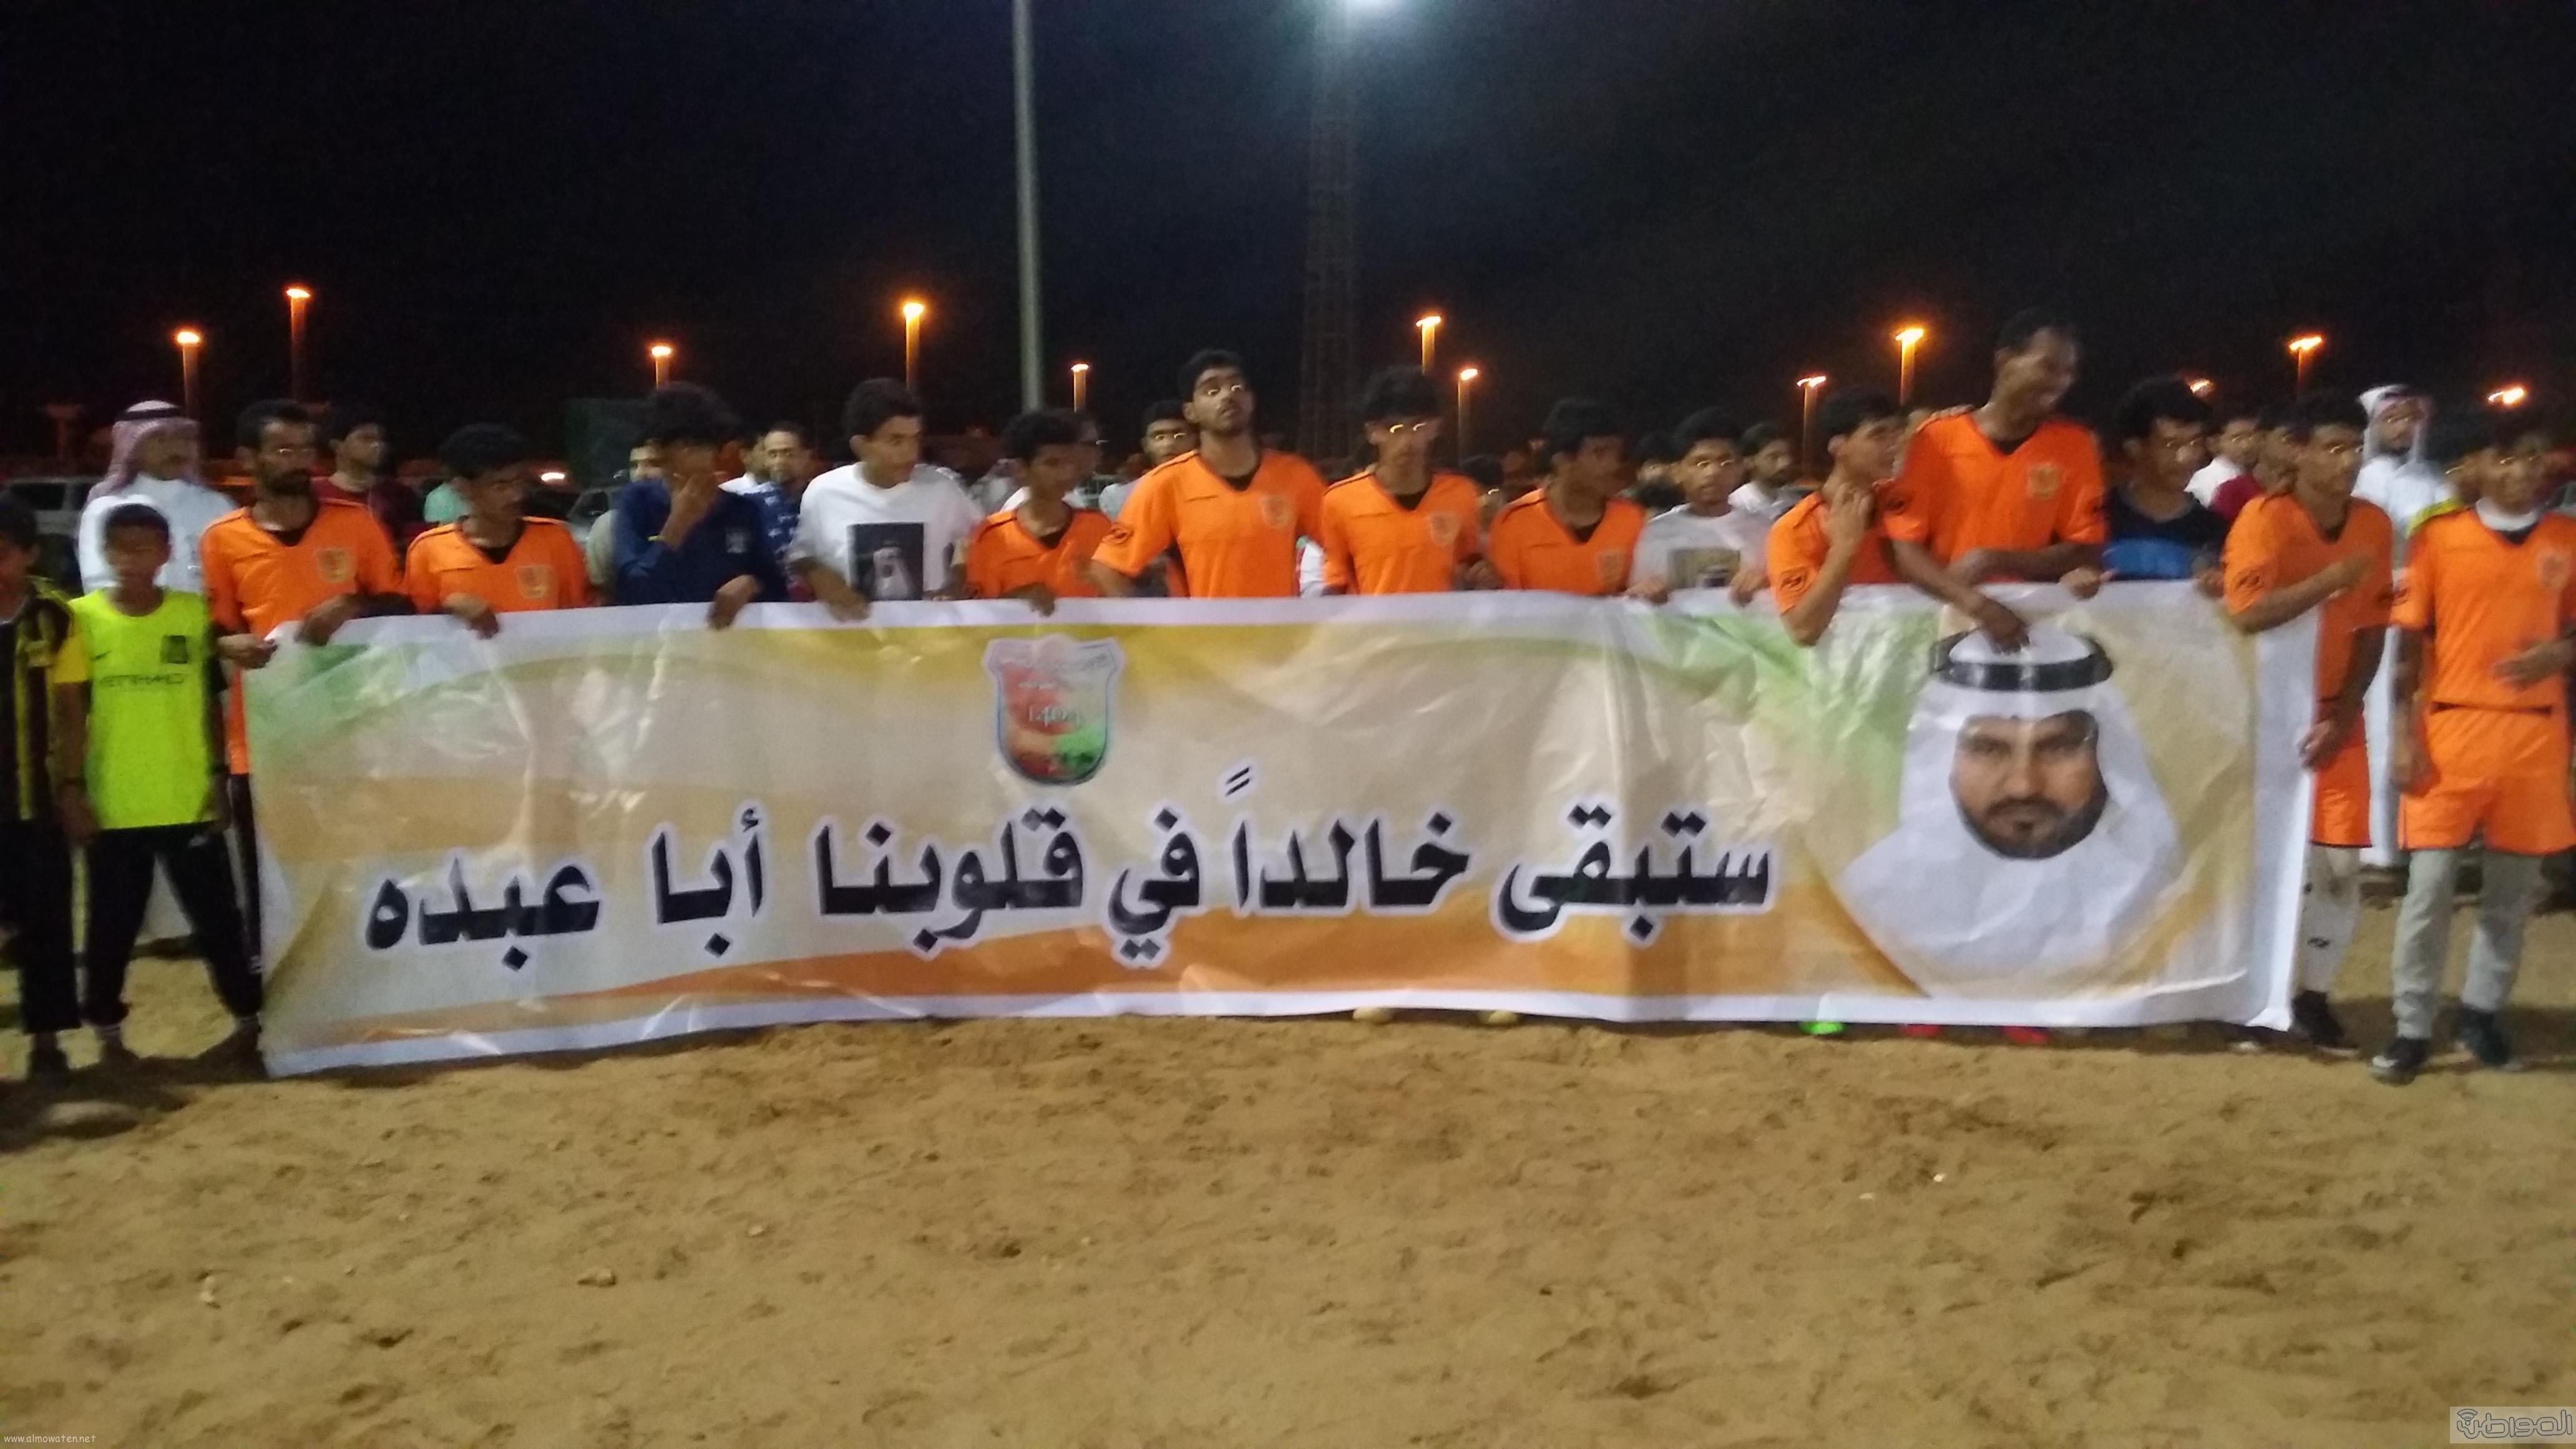 ساحل عسير السحاب يتوّج بطل لدورة الخليج الخامسة (1)